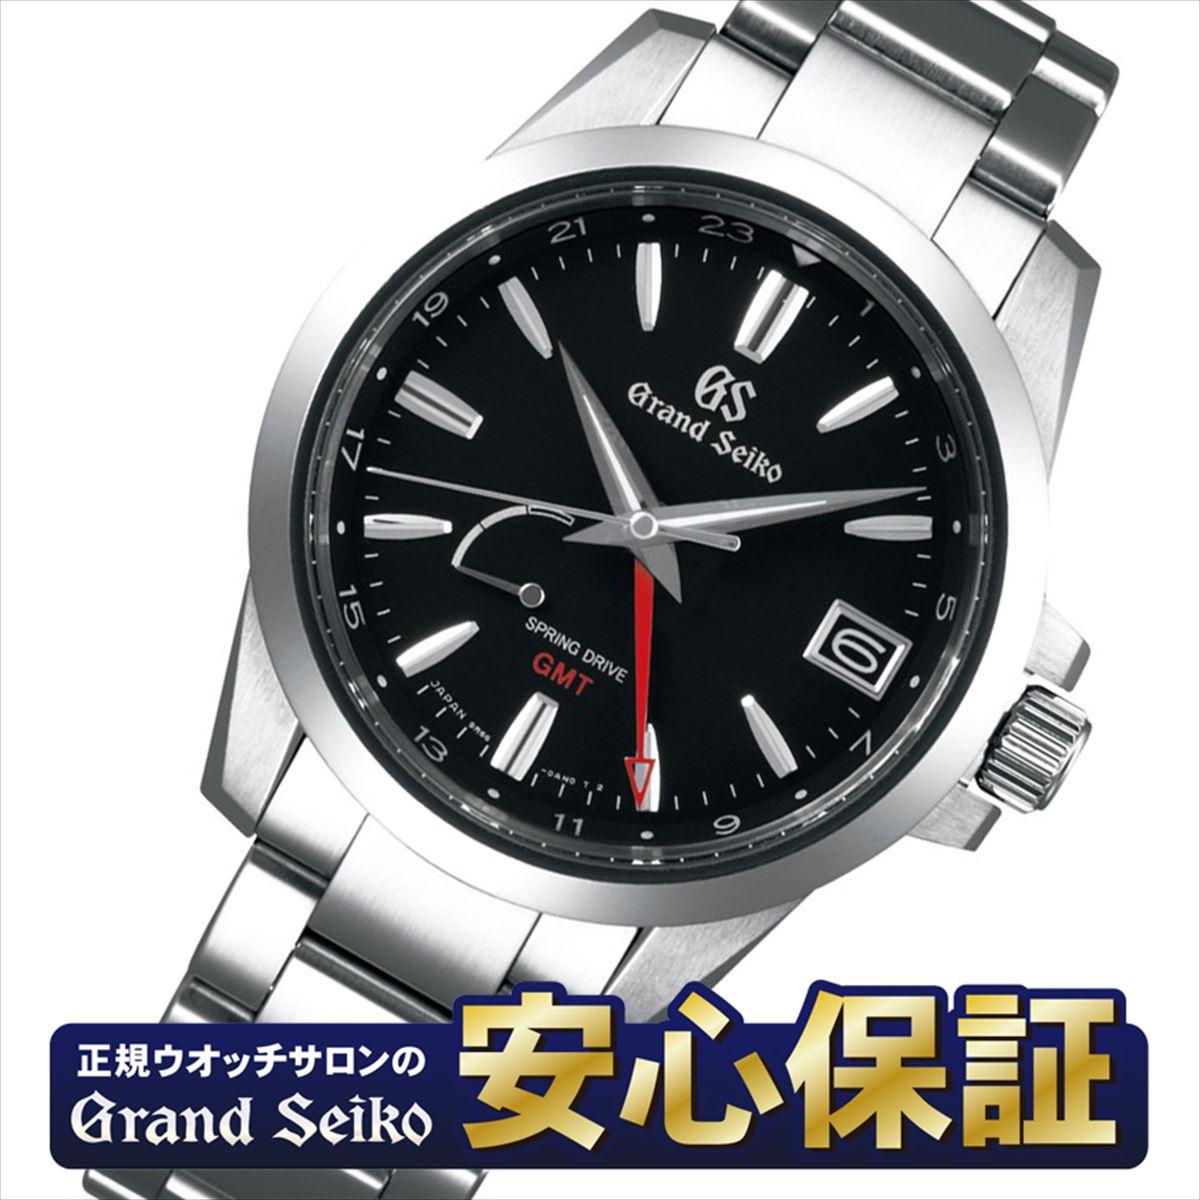 腕時計, メンズ腕時計 30GSSEIKO SBGE213 GMT 9R66 GRAND SEIKO NLGS10spl